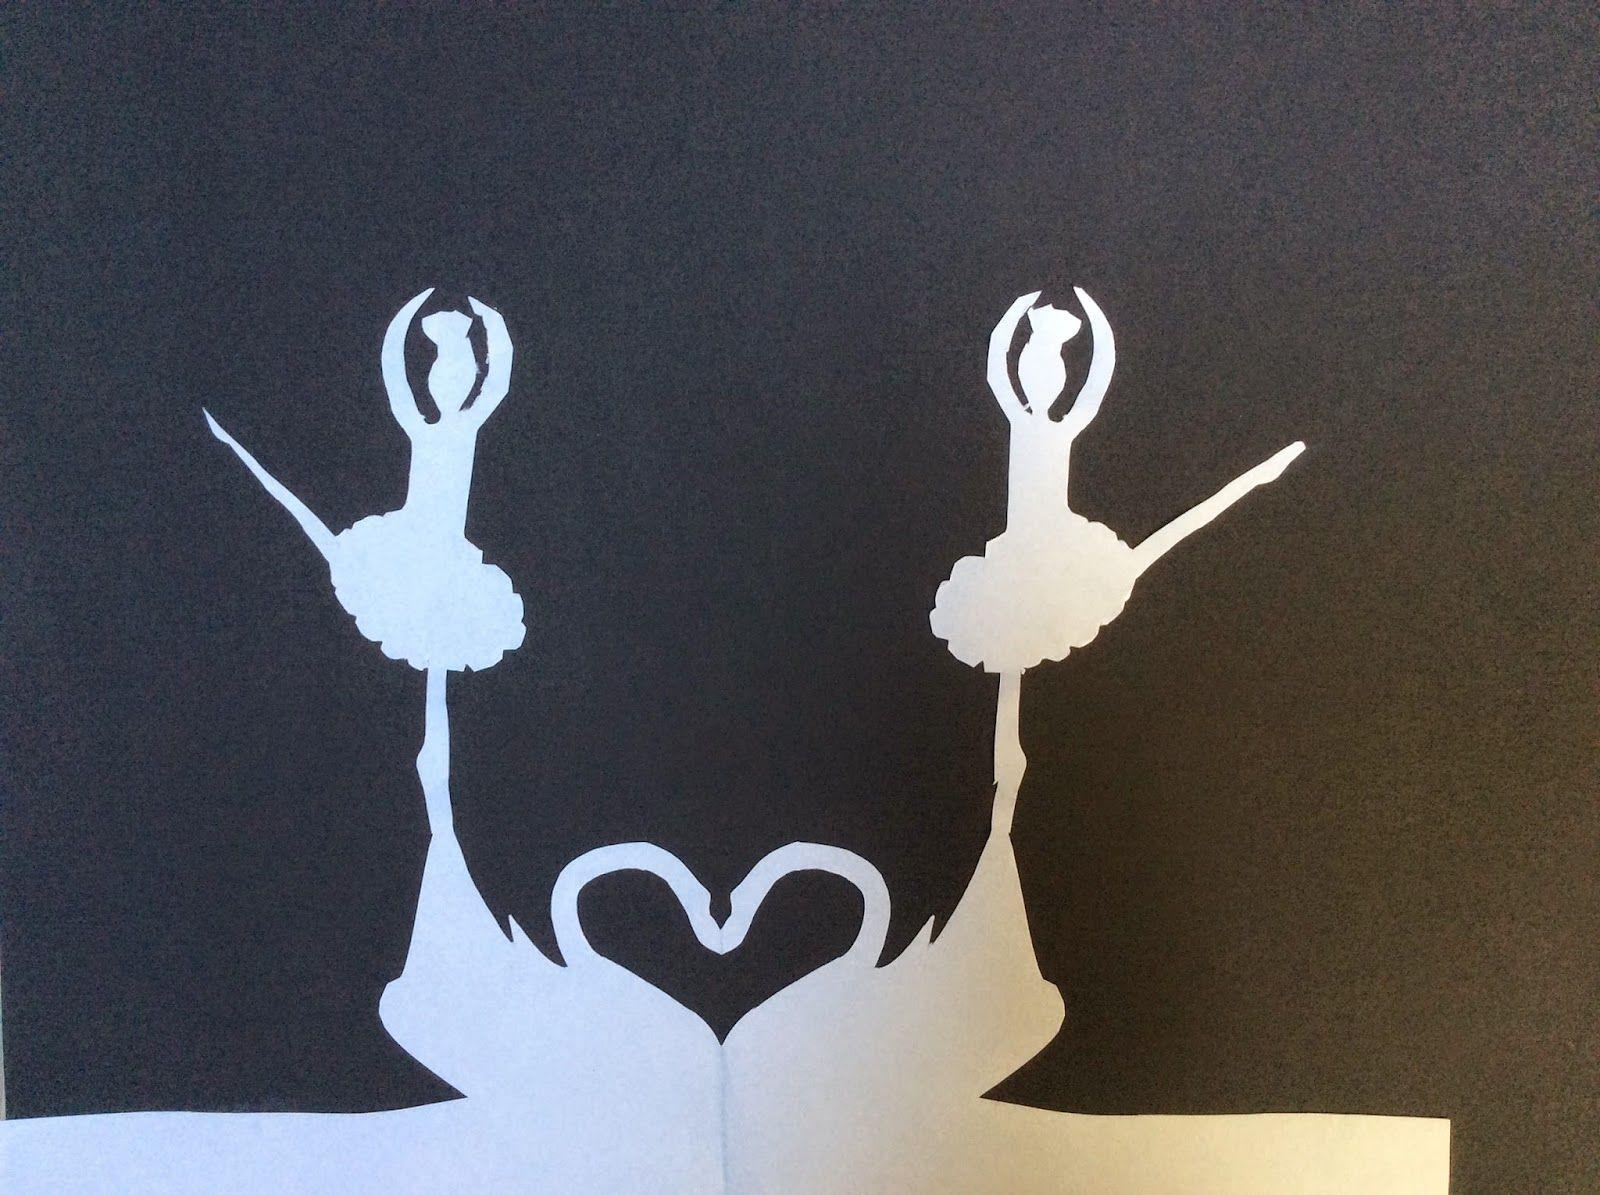 Bidt af billedkunst!: Papirklip a la H.C. Andersen - art trading